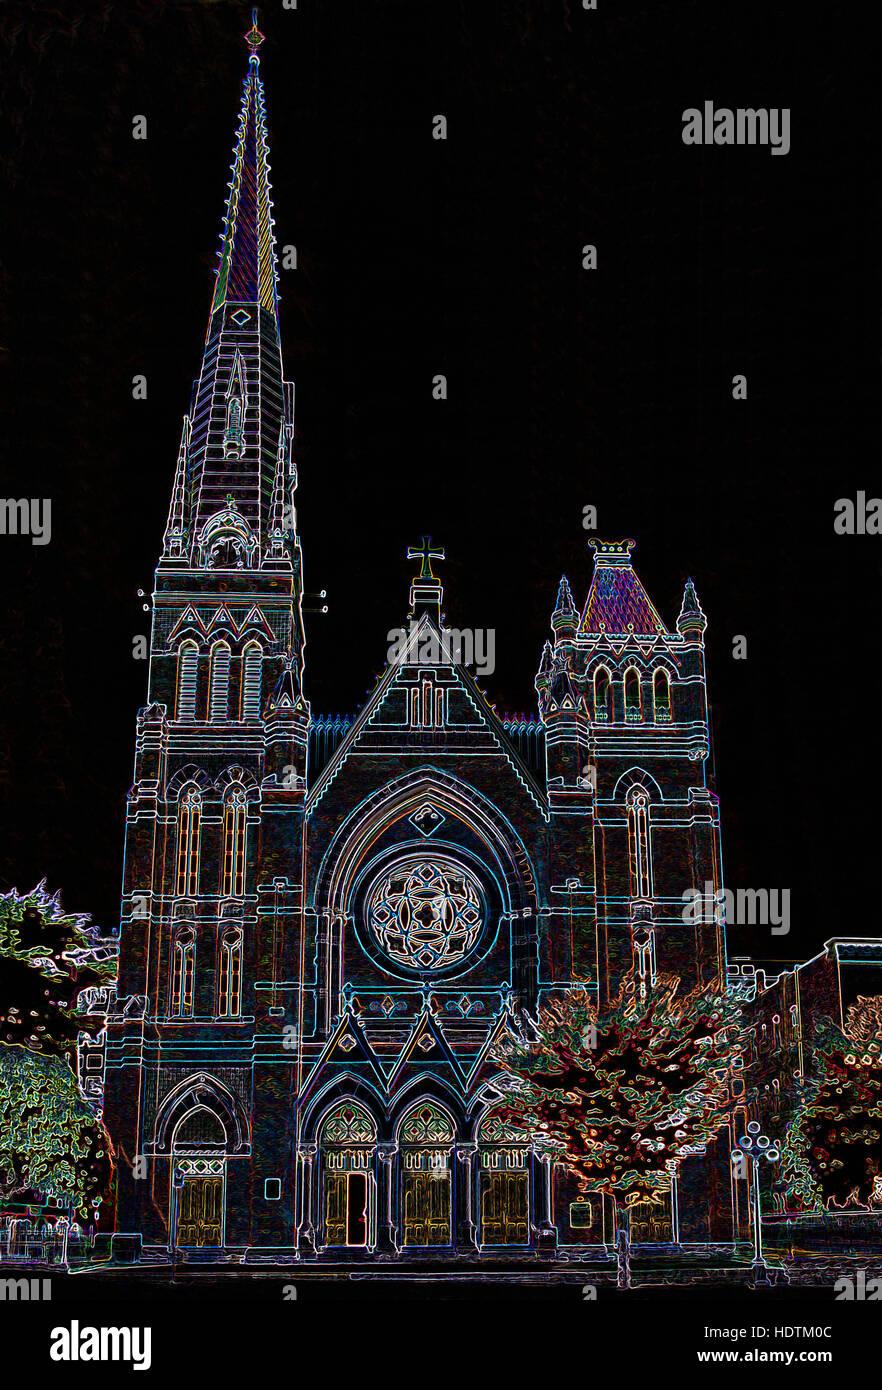 Victorian Gothic Stil Kirche - digital manipulierte Bild mit leuchtenden Kanten, abstrakte Architektur auf einem Stockbild